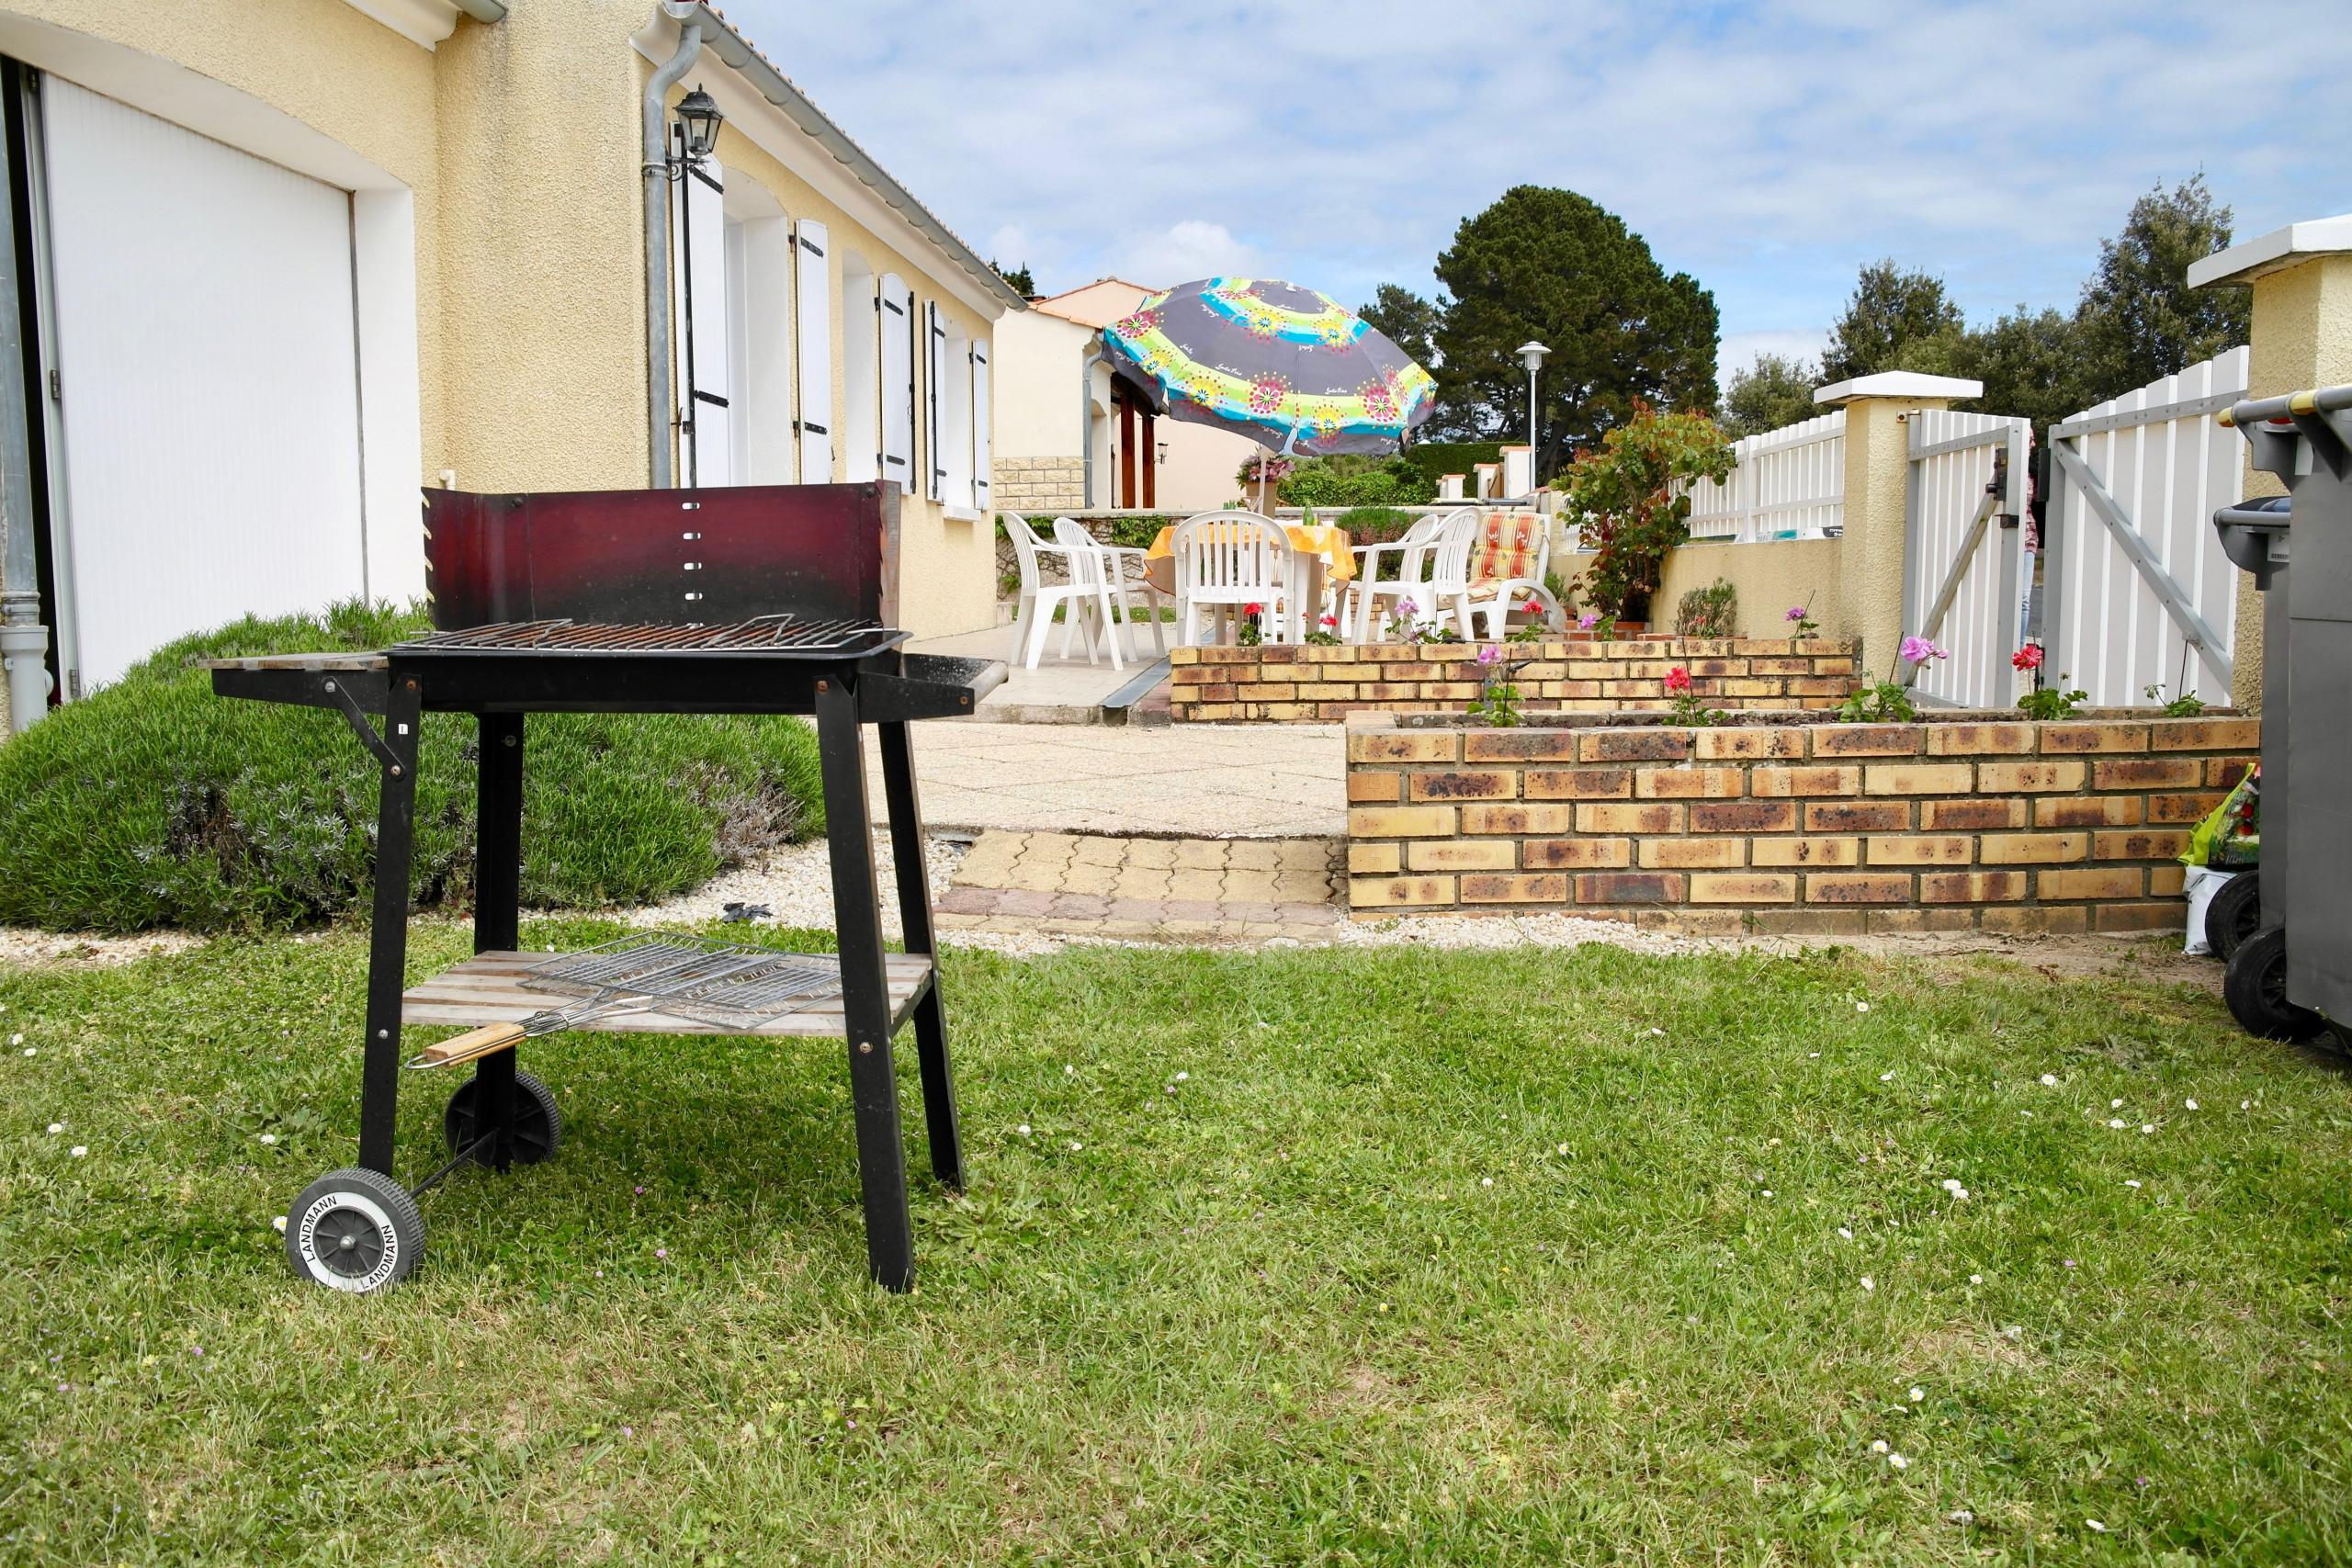 à Brem-sur-Mer - Maison idéale pour des vacances en famille revigorantes à Brem-sur-Mer